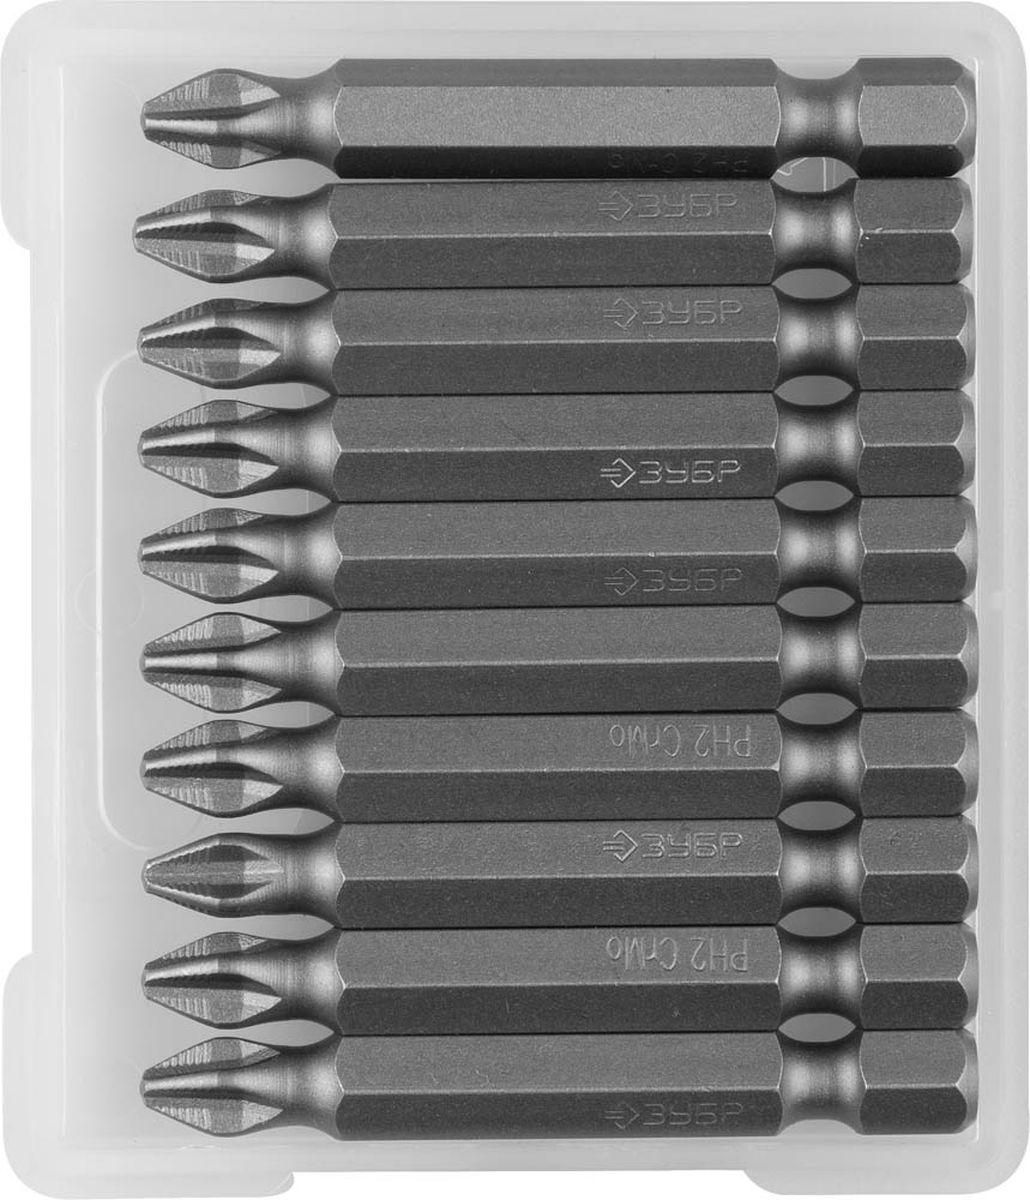 Биты Зубр Мастер, кованые, тип хвостовика E 1/4, PH2, 50 мм, 10 шт ворота кованые с калиткой фото